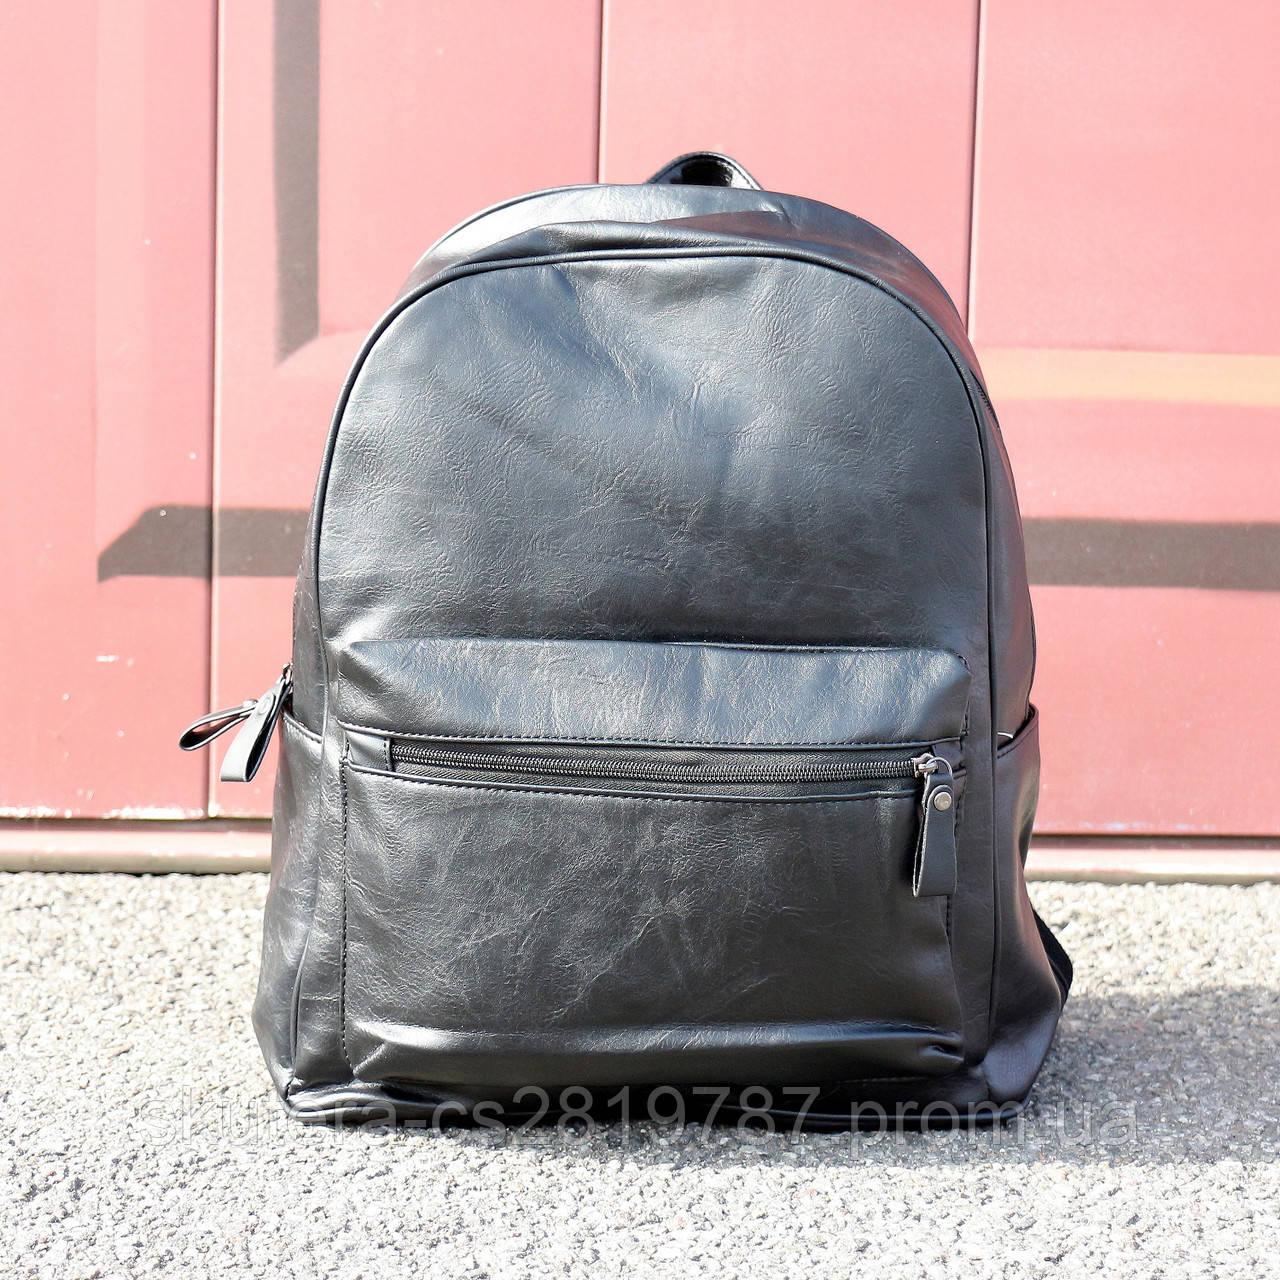 Большой Рюкзак для Ноутбука, Спорта, Путешествий, Городской